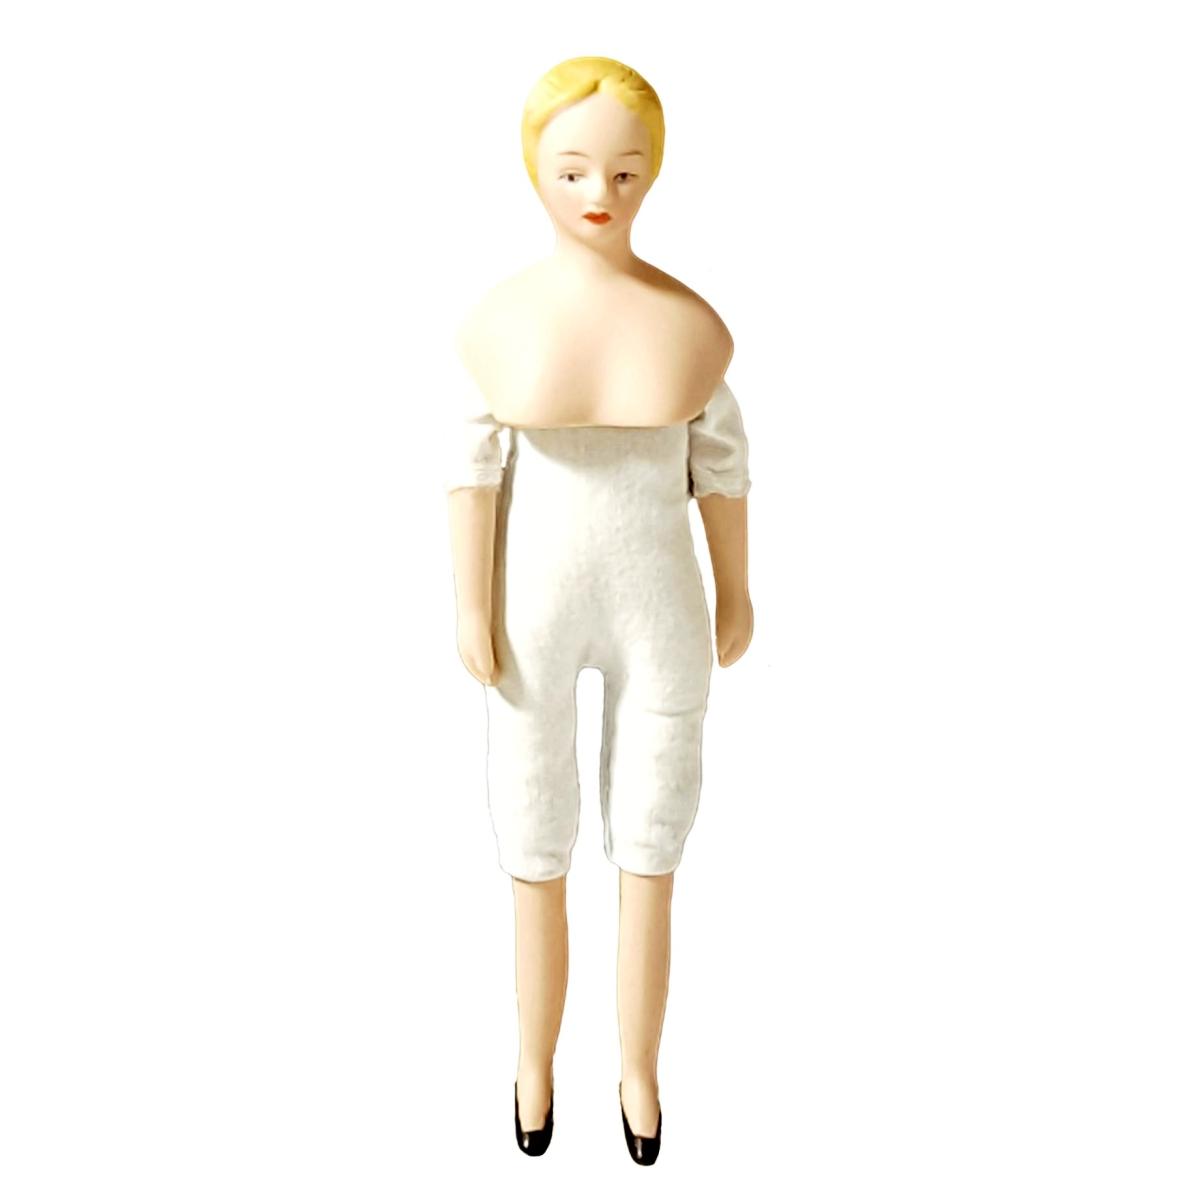 Dame mit Porzellankopf - ohne Bekleidung